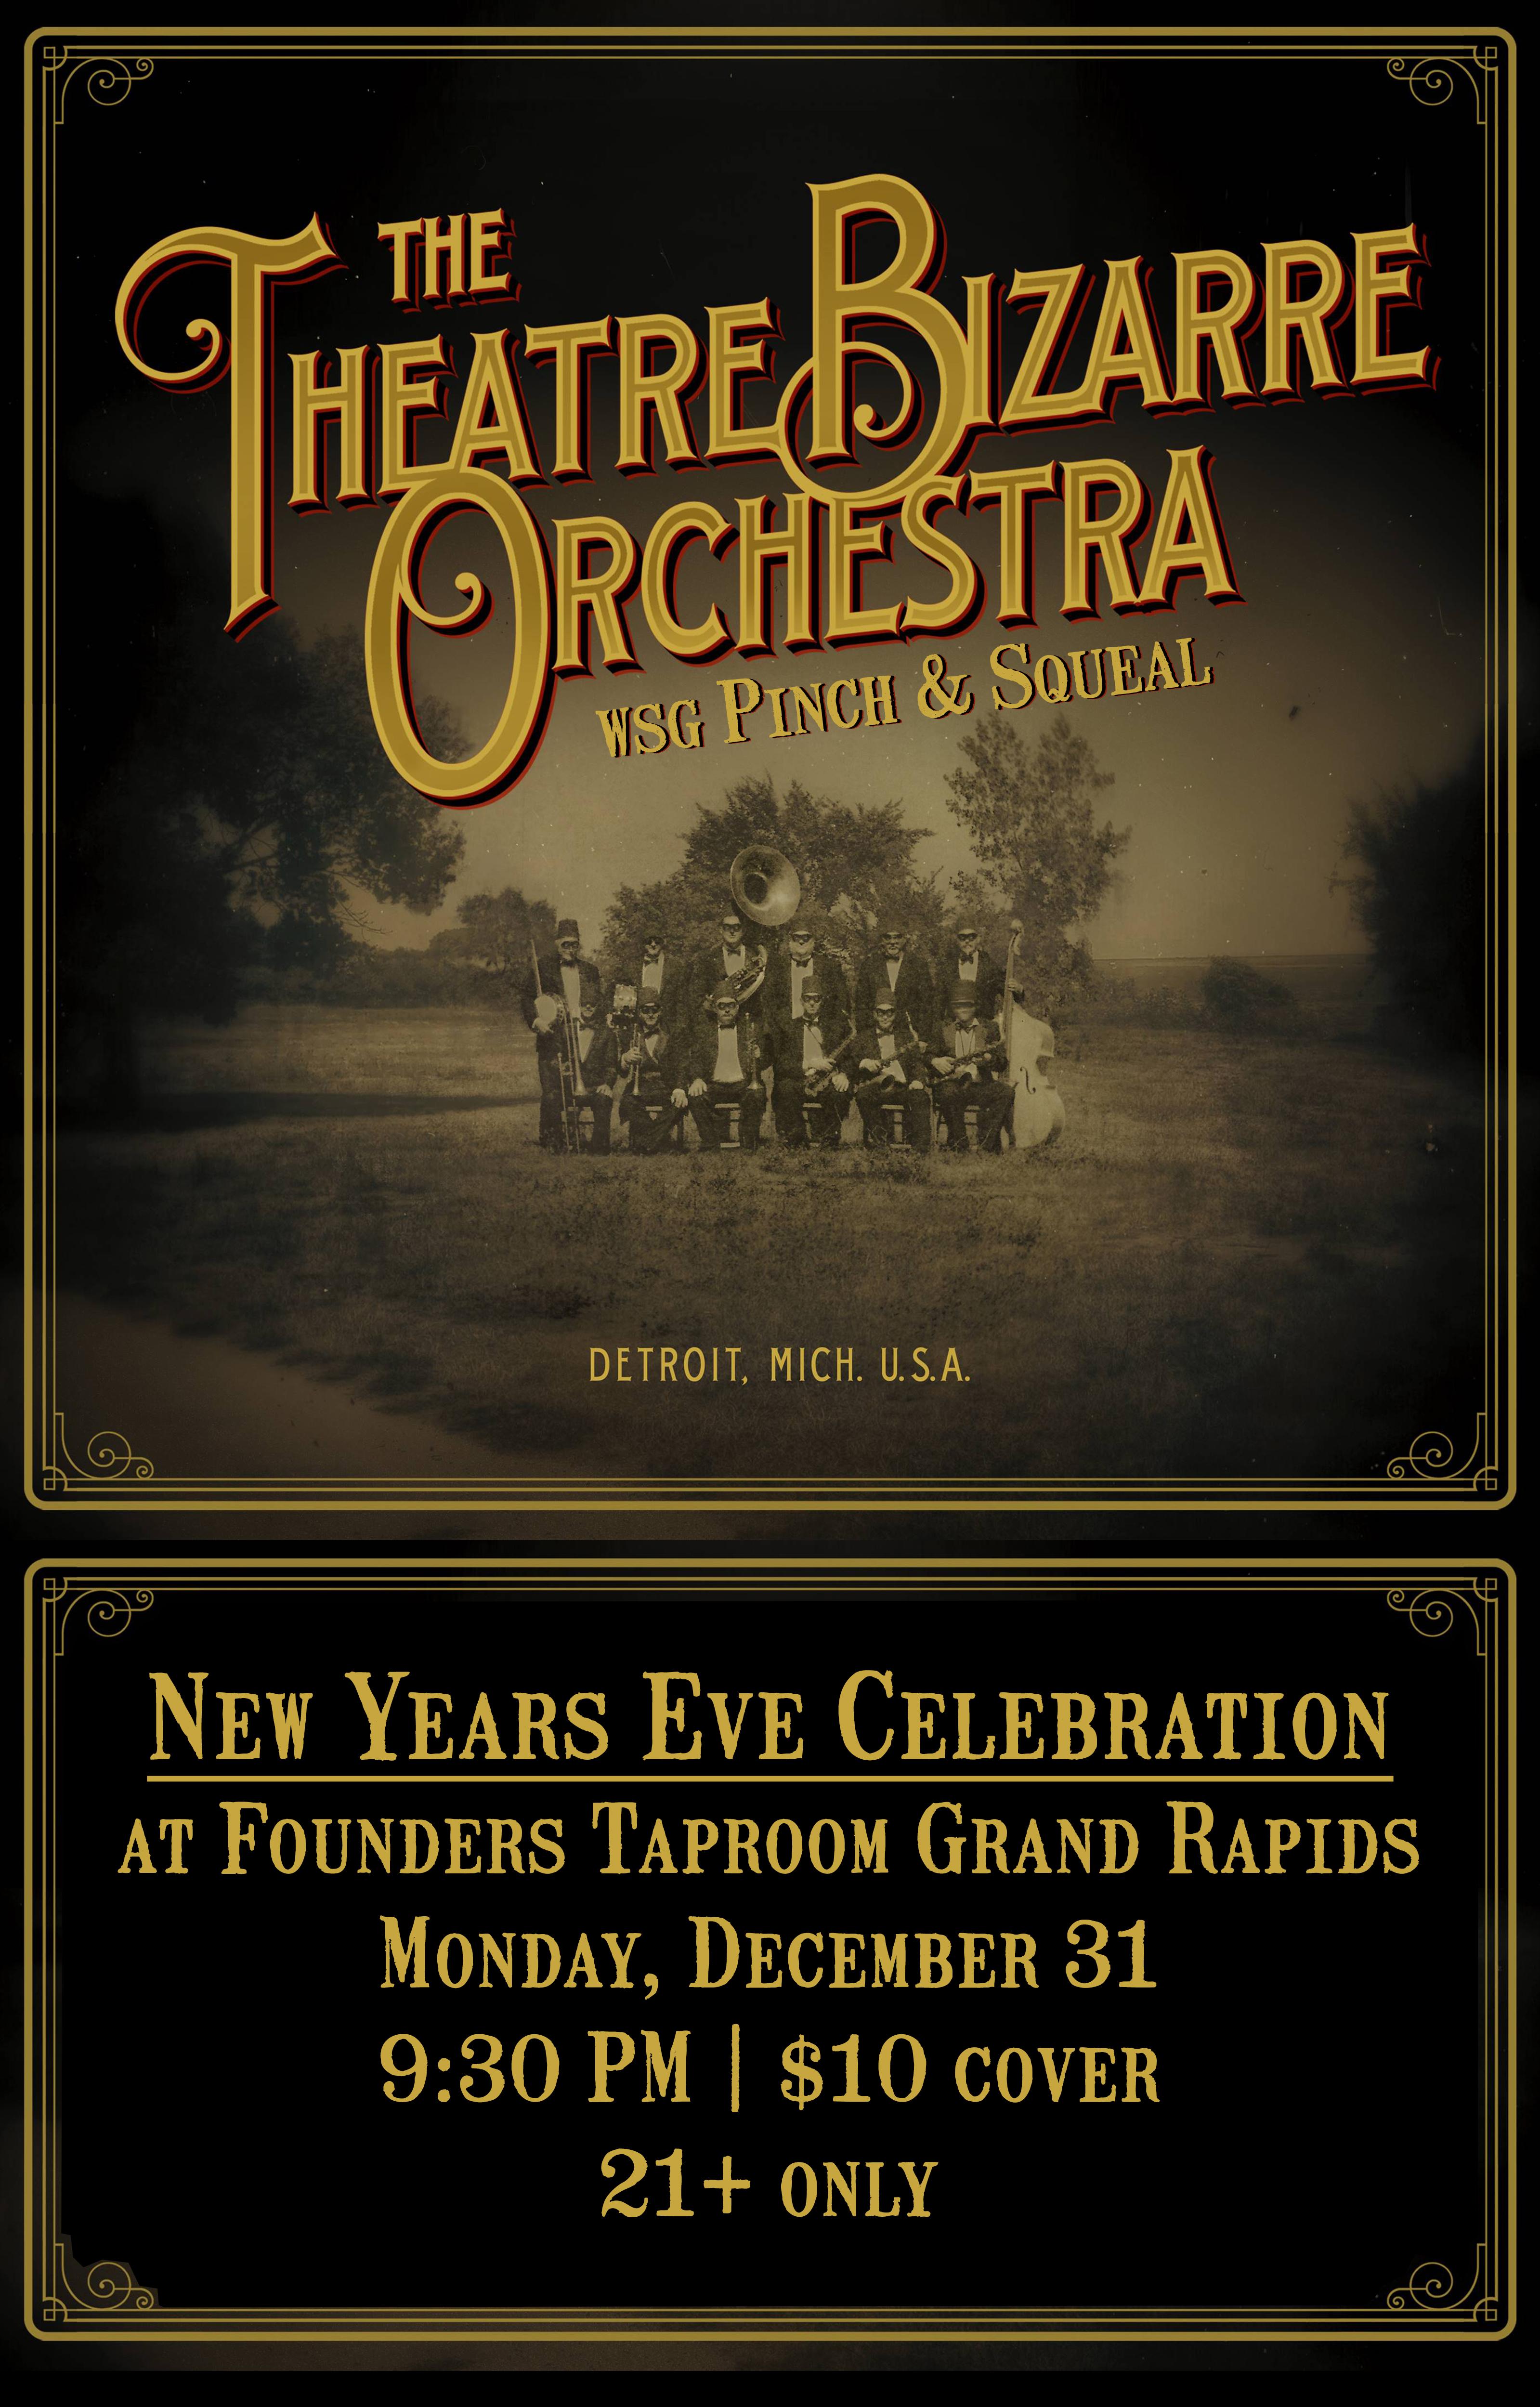 The Theatre Bizarre Orchestra event poster